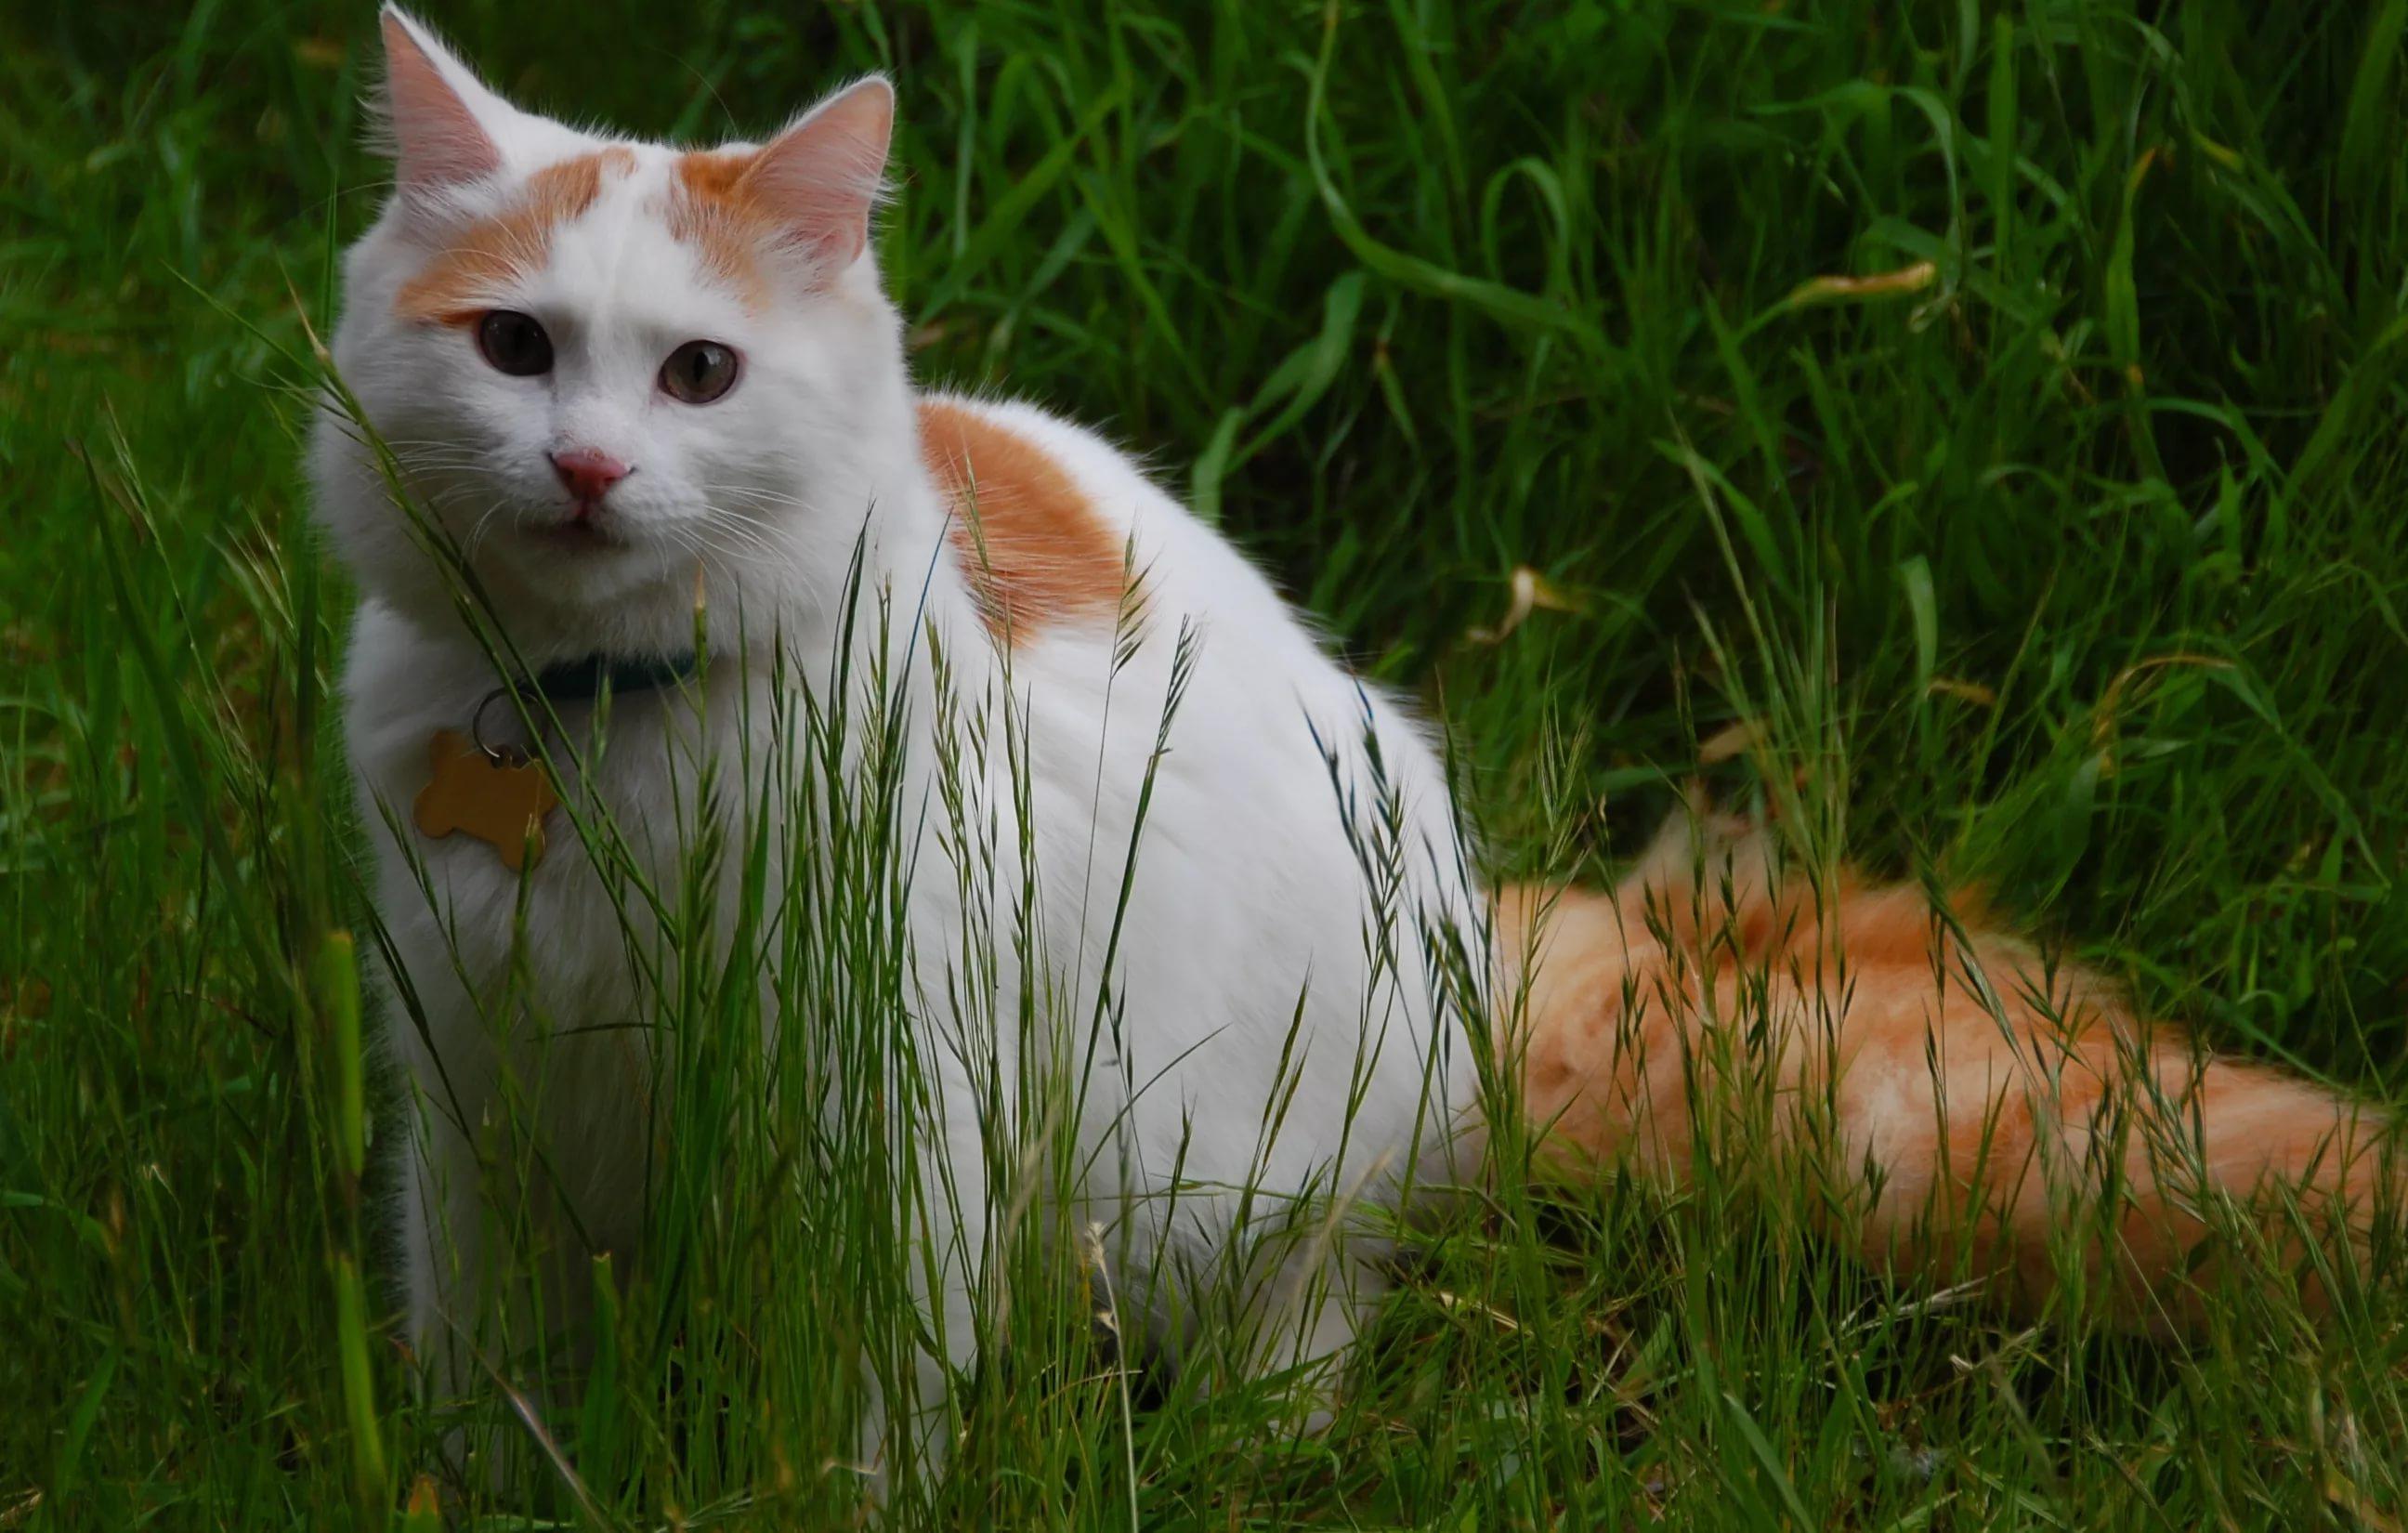 турецкий ван порода кошек фото ижевске